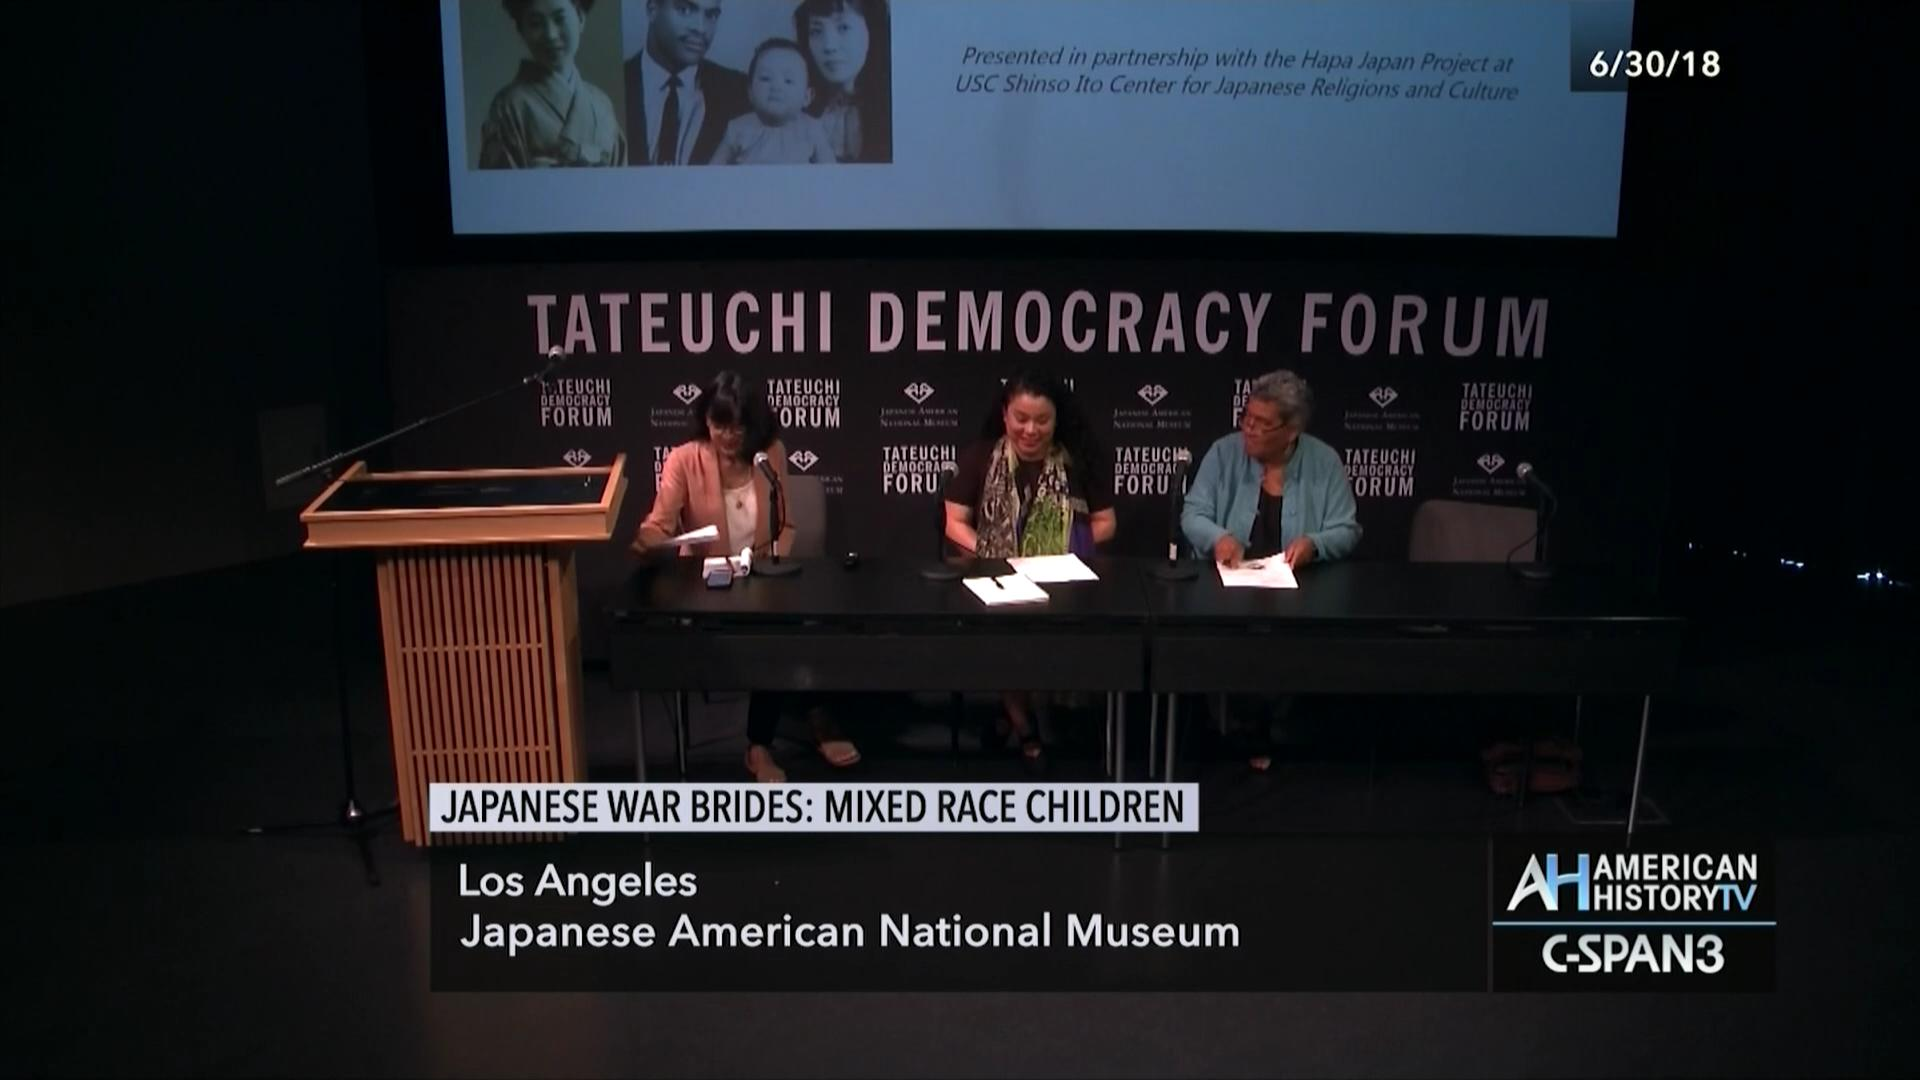 Japanese War Brides, Mixed Race Children